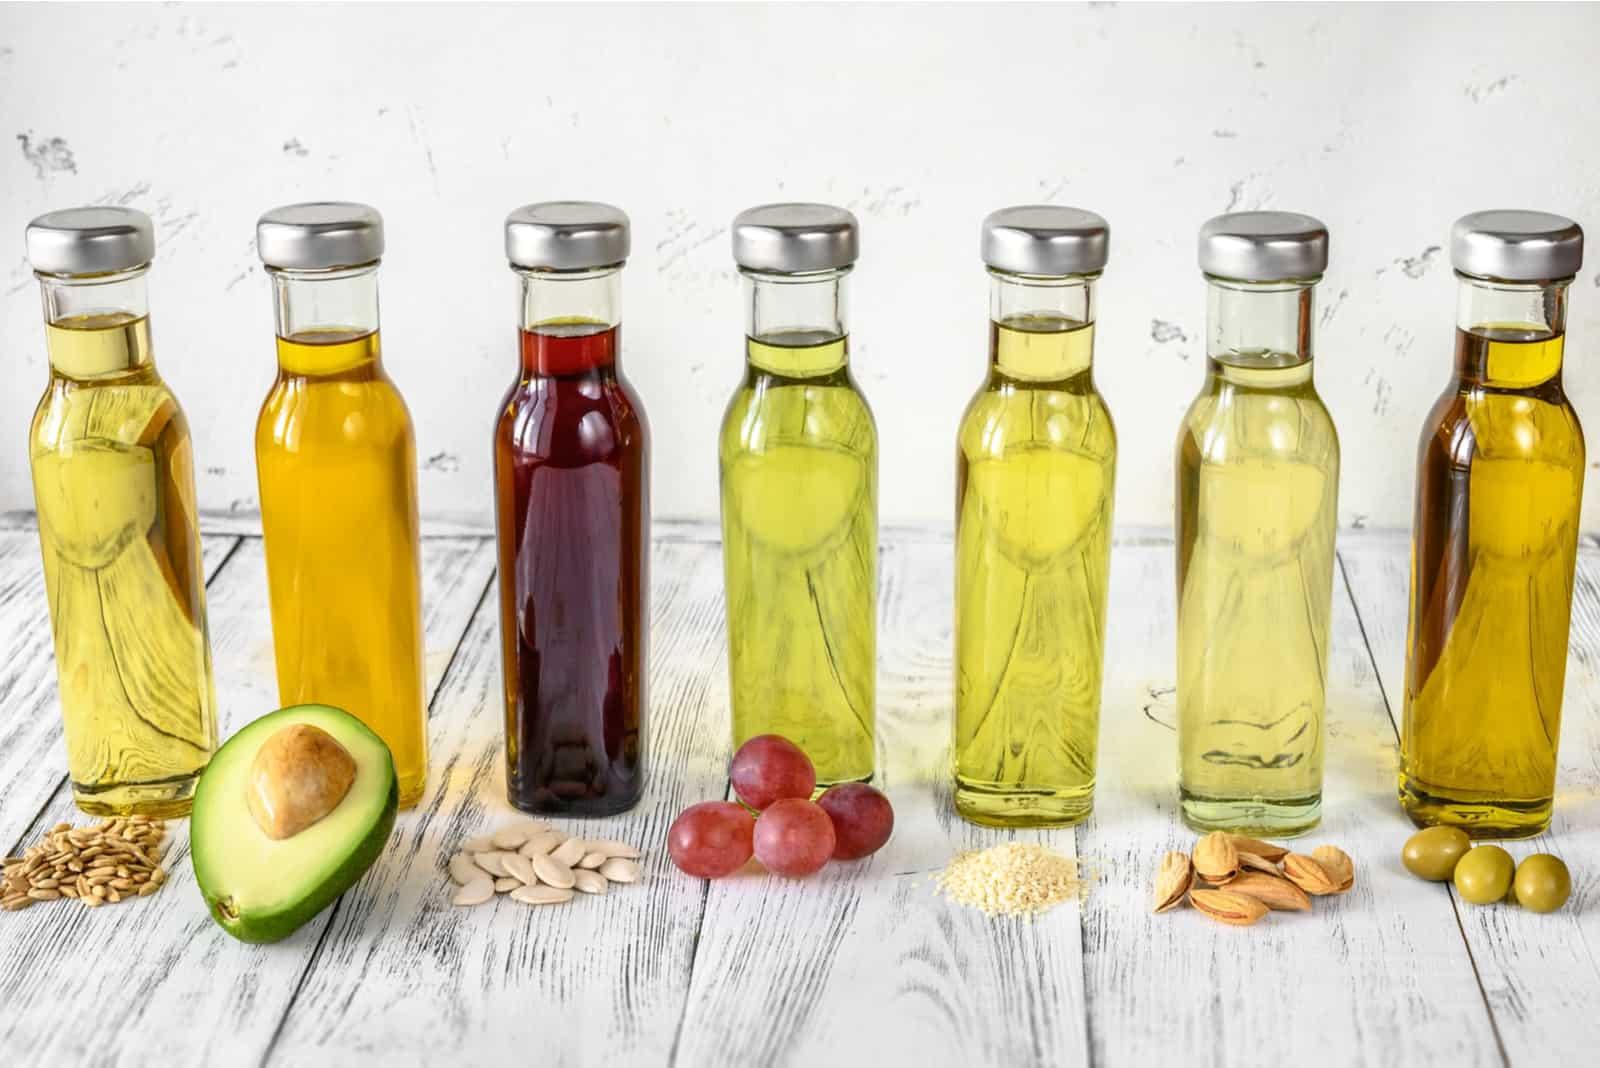 Sortiment an Pflanzenölen in Flaschen